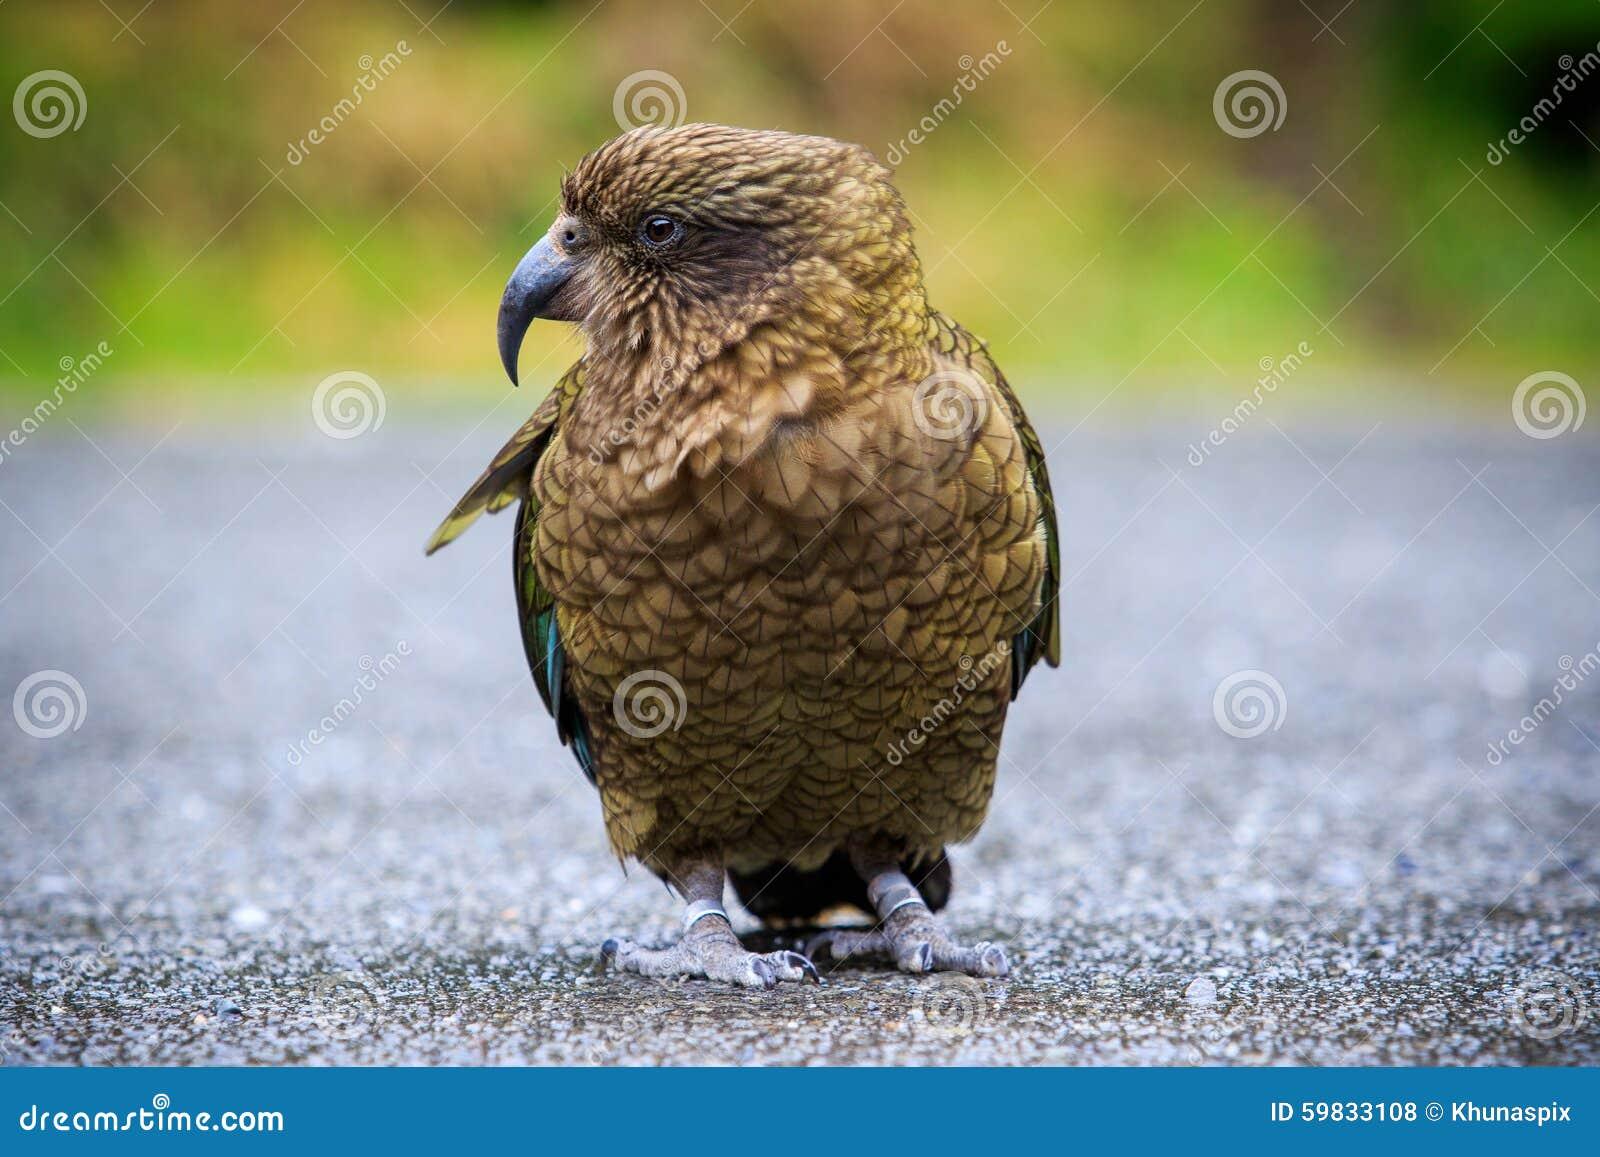 Zamyka w górę pięknego koloru piórka, upierzenie kea ptaki z plamą